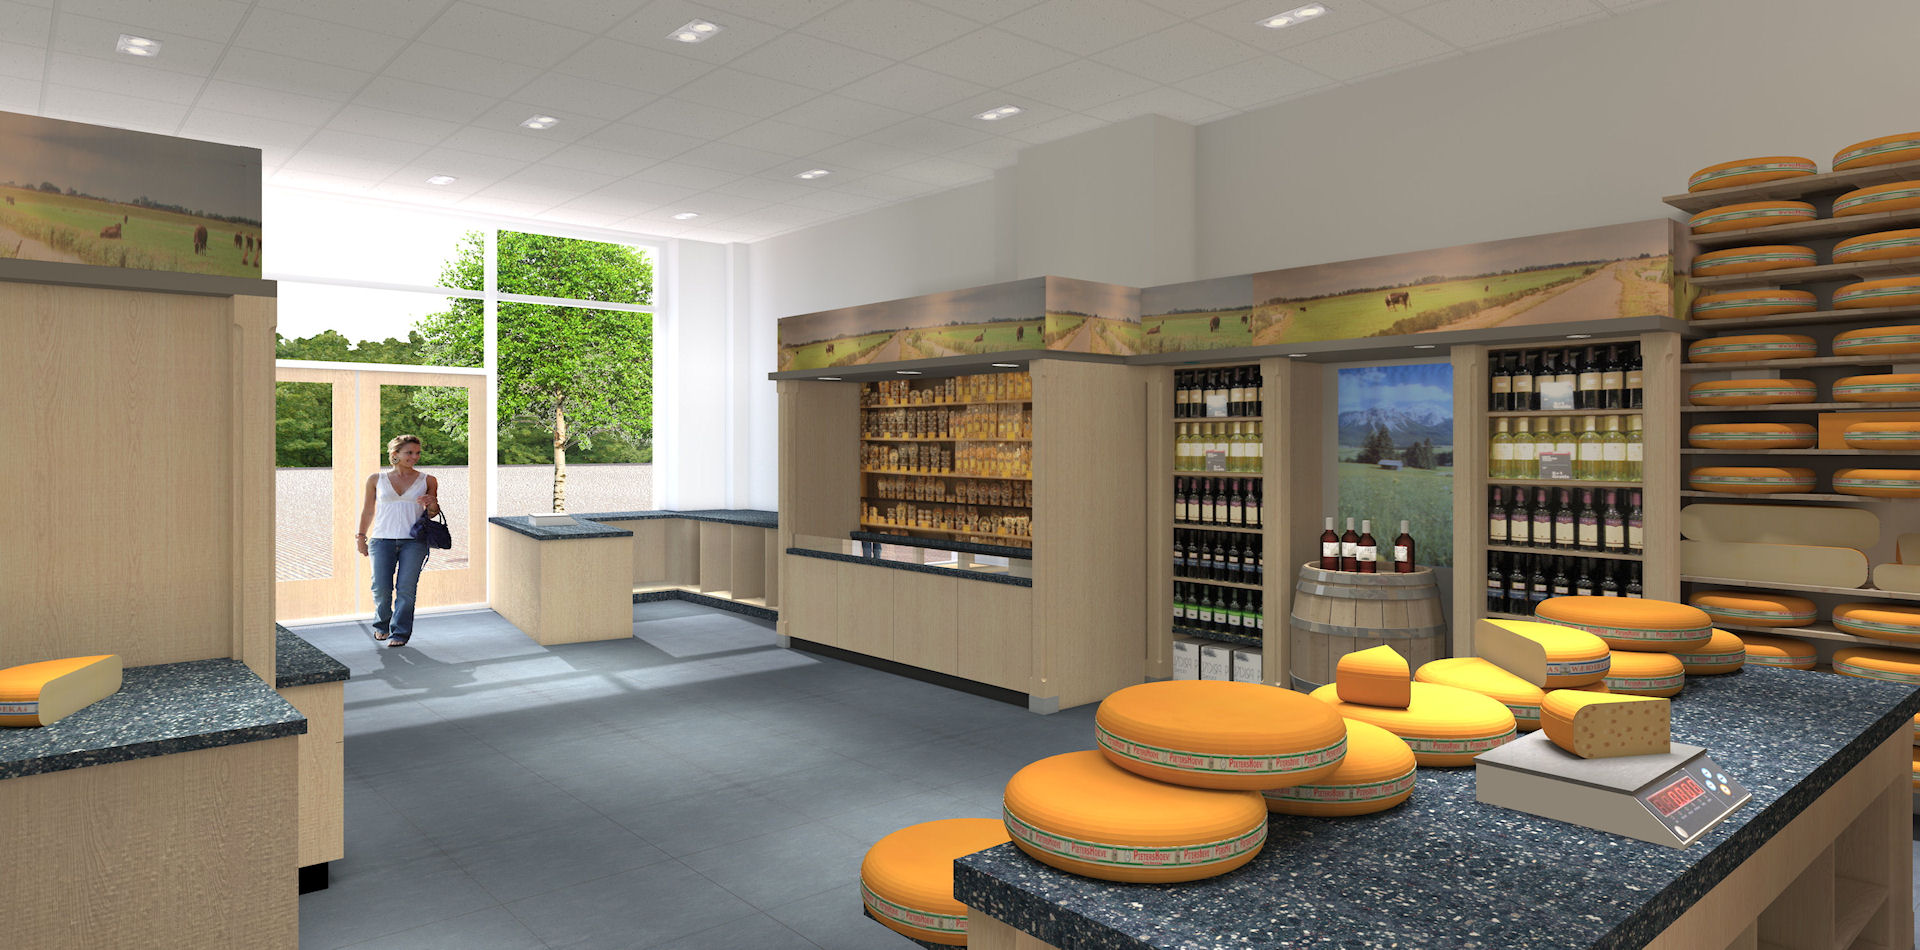 3d interieur visualisatie - kaas winkel - 3d impressie binnen